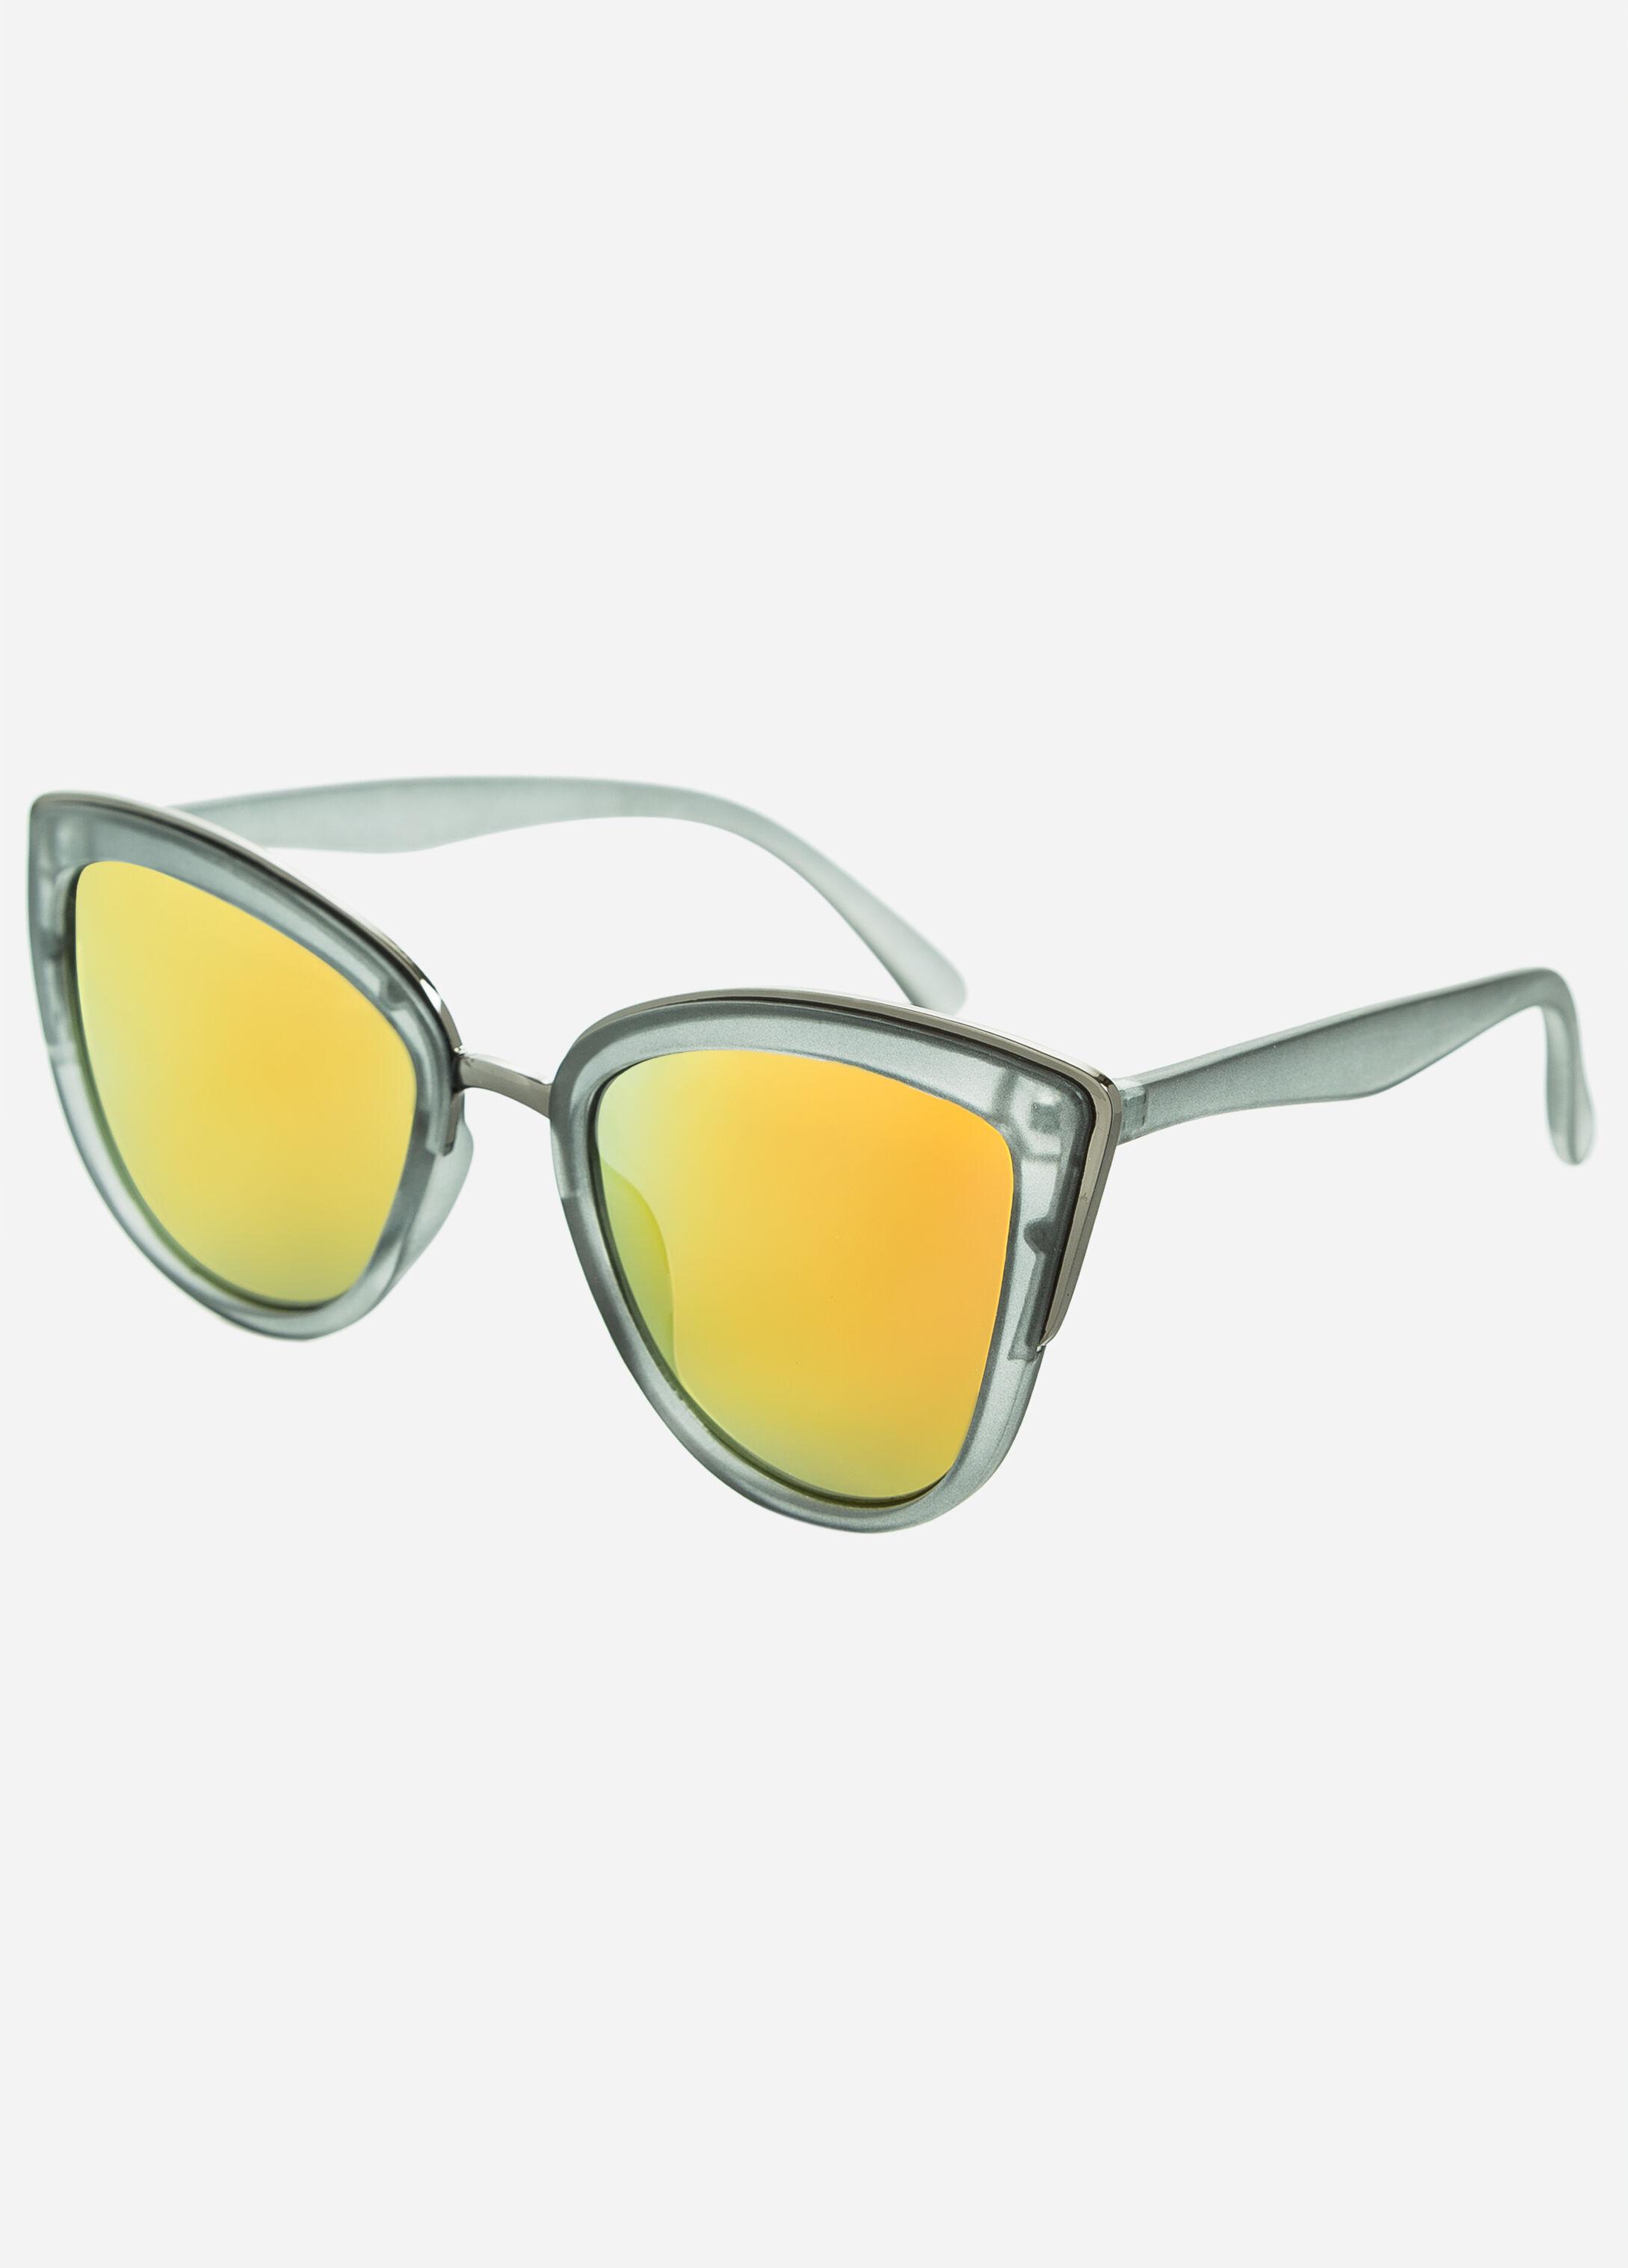 Orange Lens Cat Eye Sunglasses